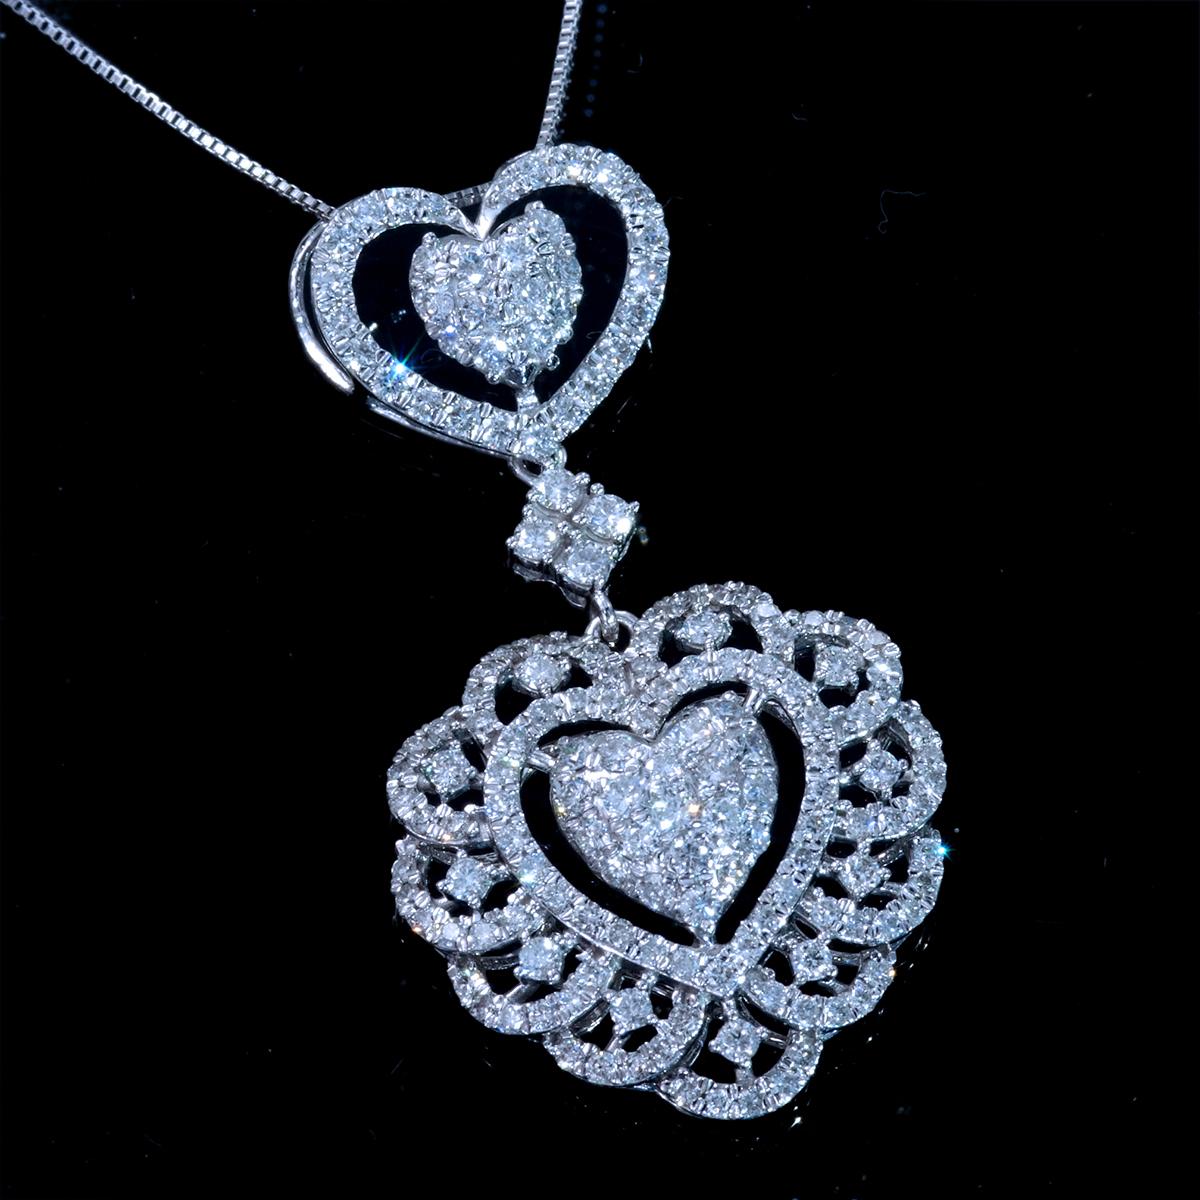 *PN6267 新品!貴族趣味!淑女なあなたに最適!令和新作Design!【HEART】天然上質ダイヤモンド1.30ct 最高級18金WG無垢ネックレス